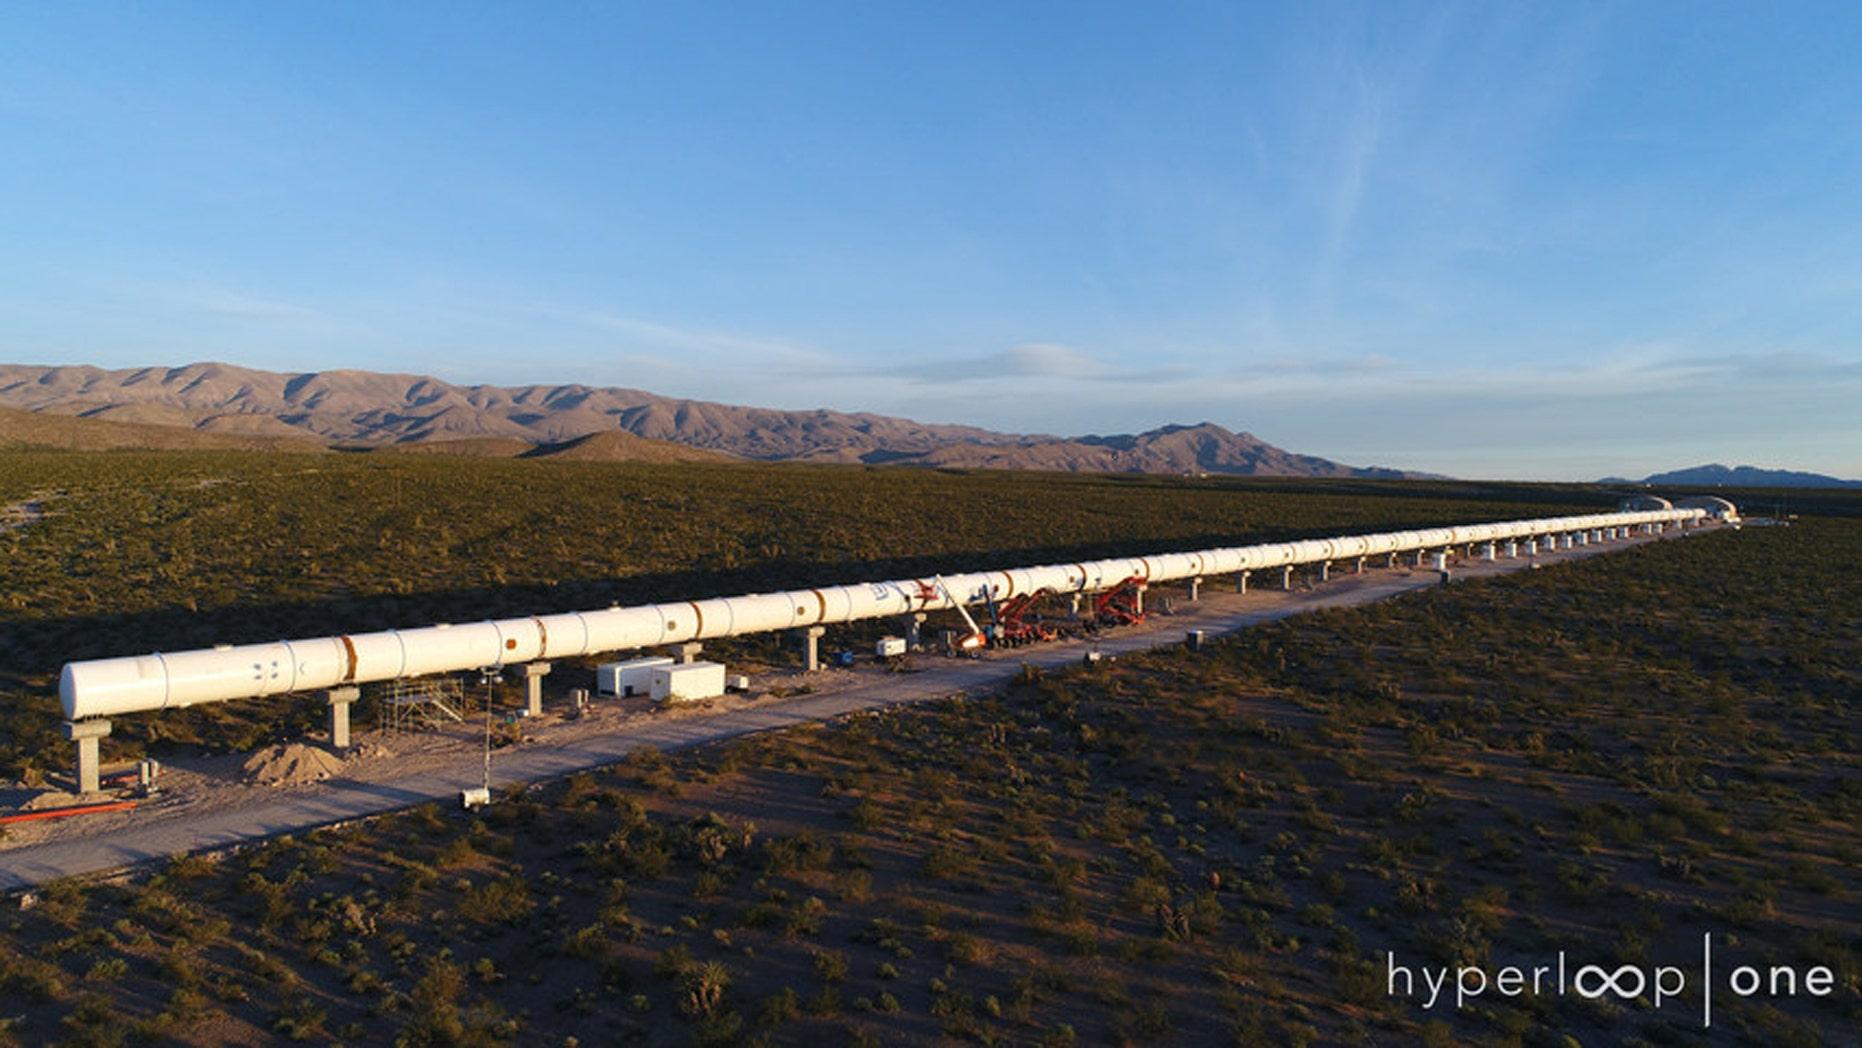 (Credit: Hyperloop One)